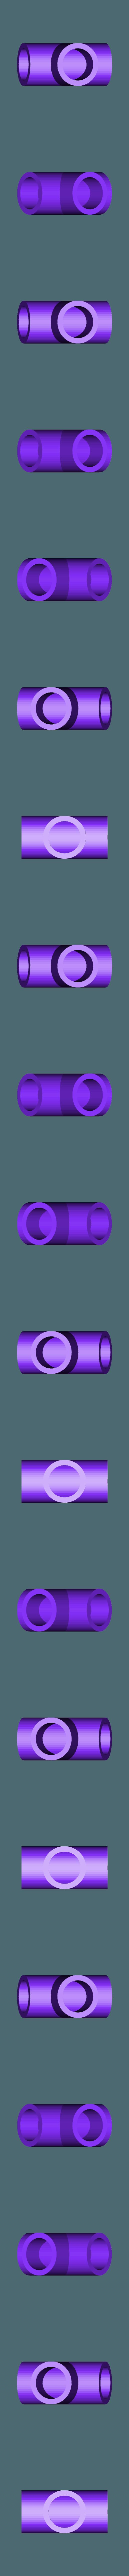 X_pipe.stl Télécharger fichier STL gratuit Sci-fi Réseau de tuyaux modulaire pour les paysages de wargaming • Objet à imprimer en 3D, redstarkits